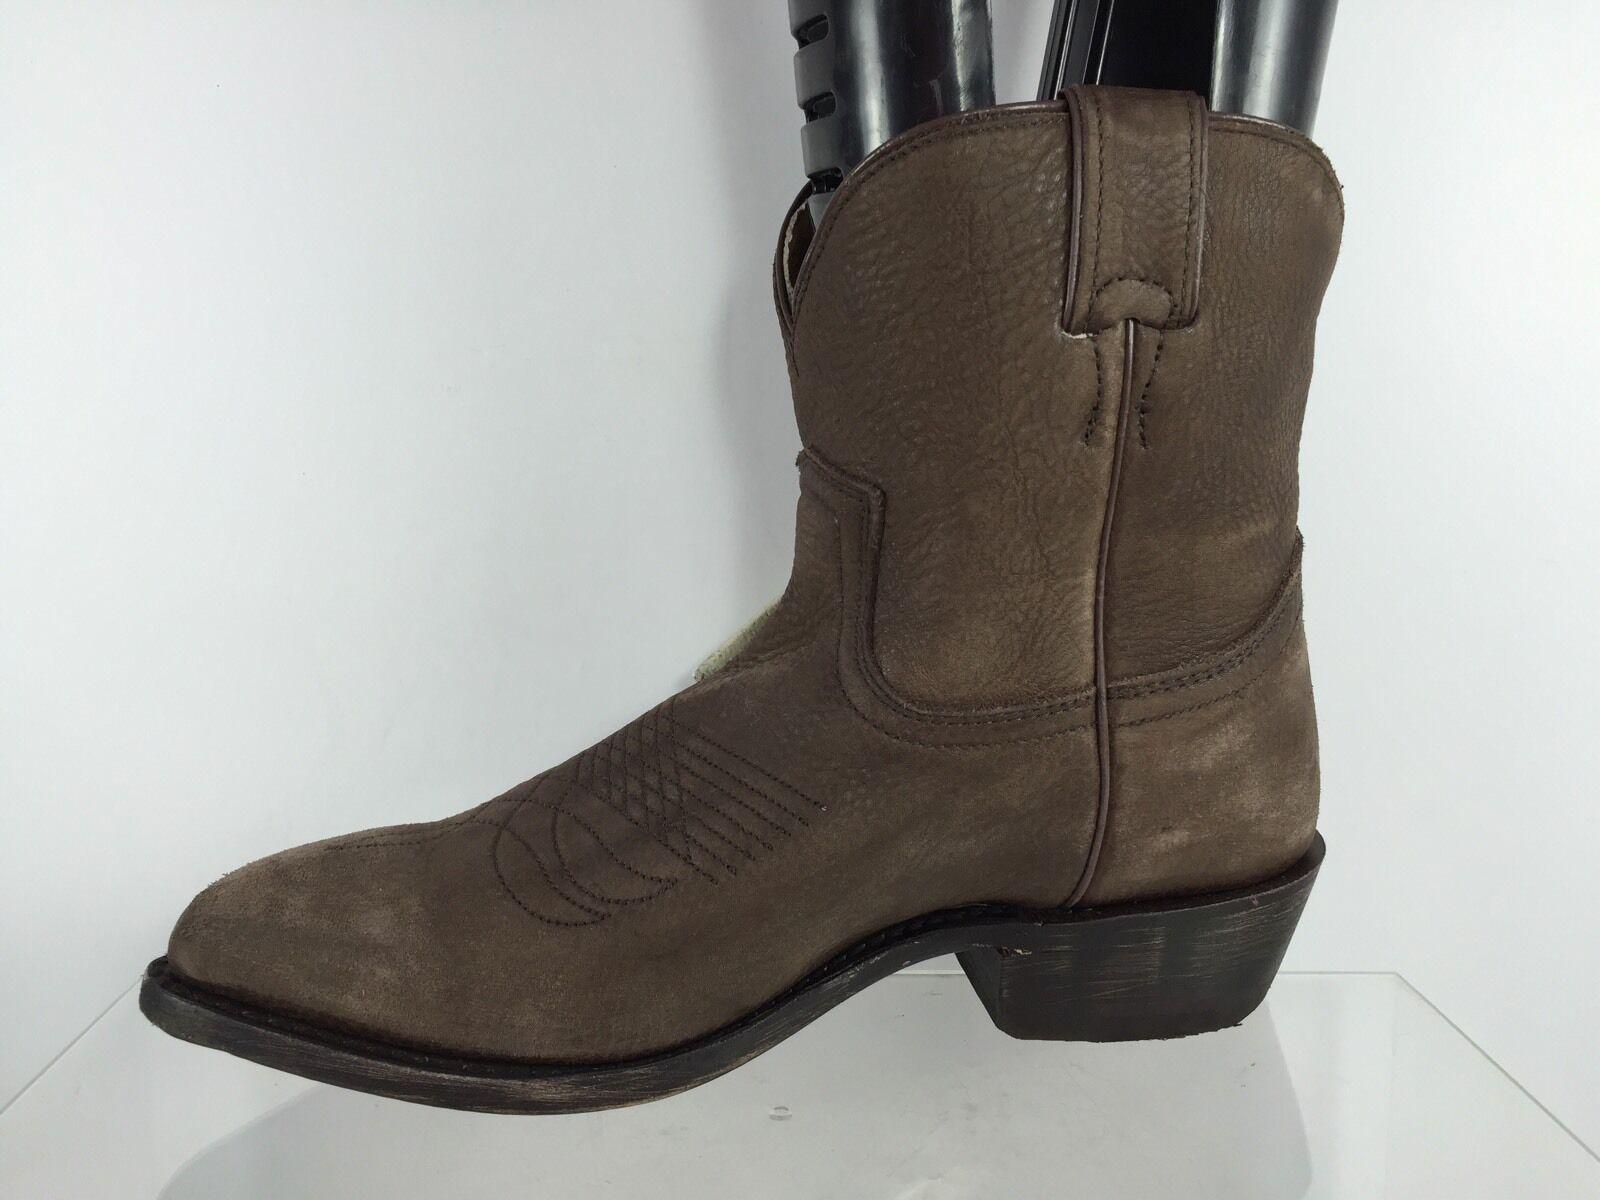 Nuova lista Frye donna Billy Short Washed Oiled Smoke Marrone Marrone Marrone Leather Cowboy stivali 8 B  benvenuto per ordinare